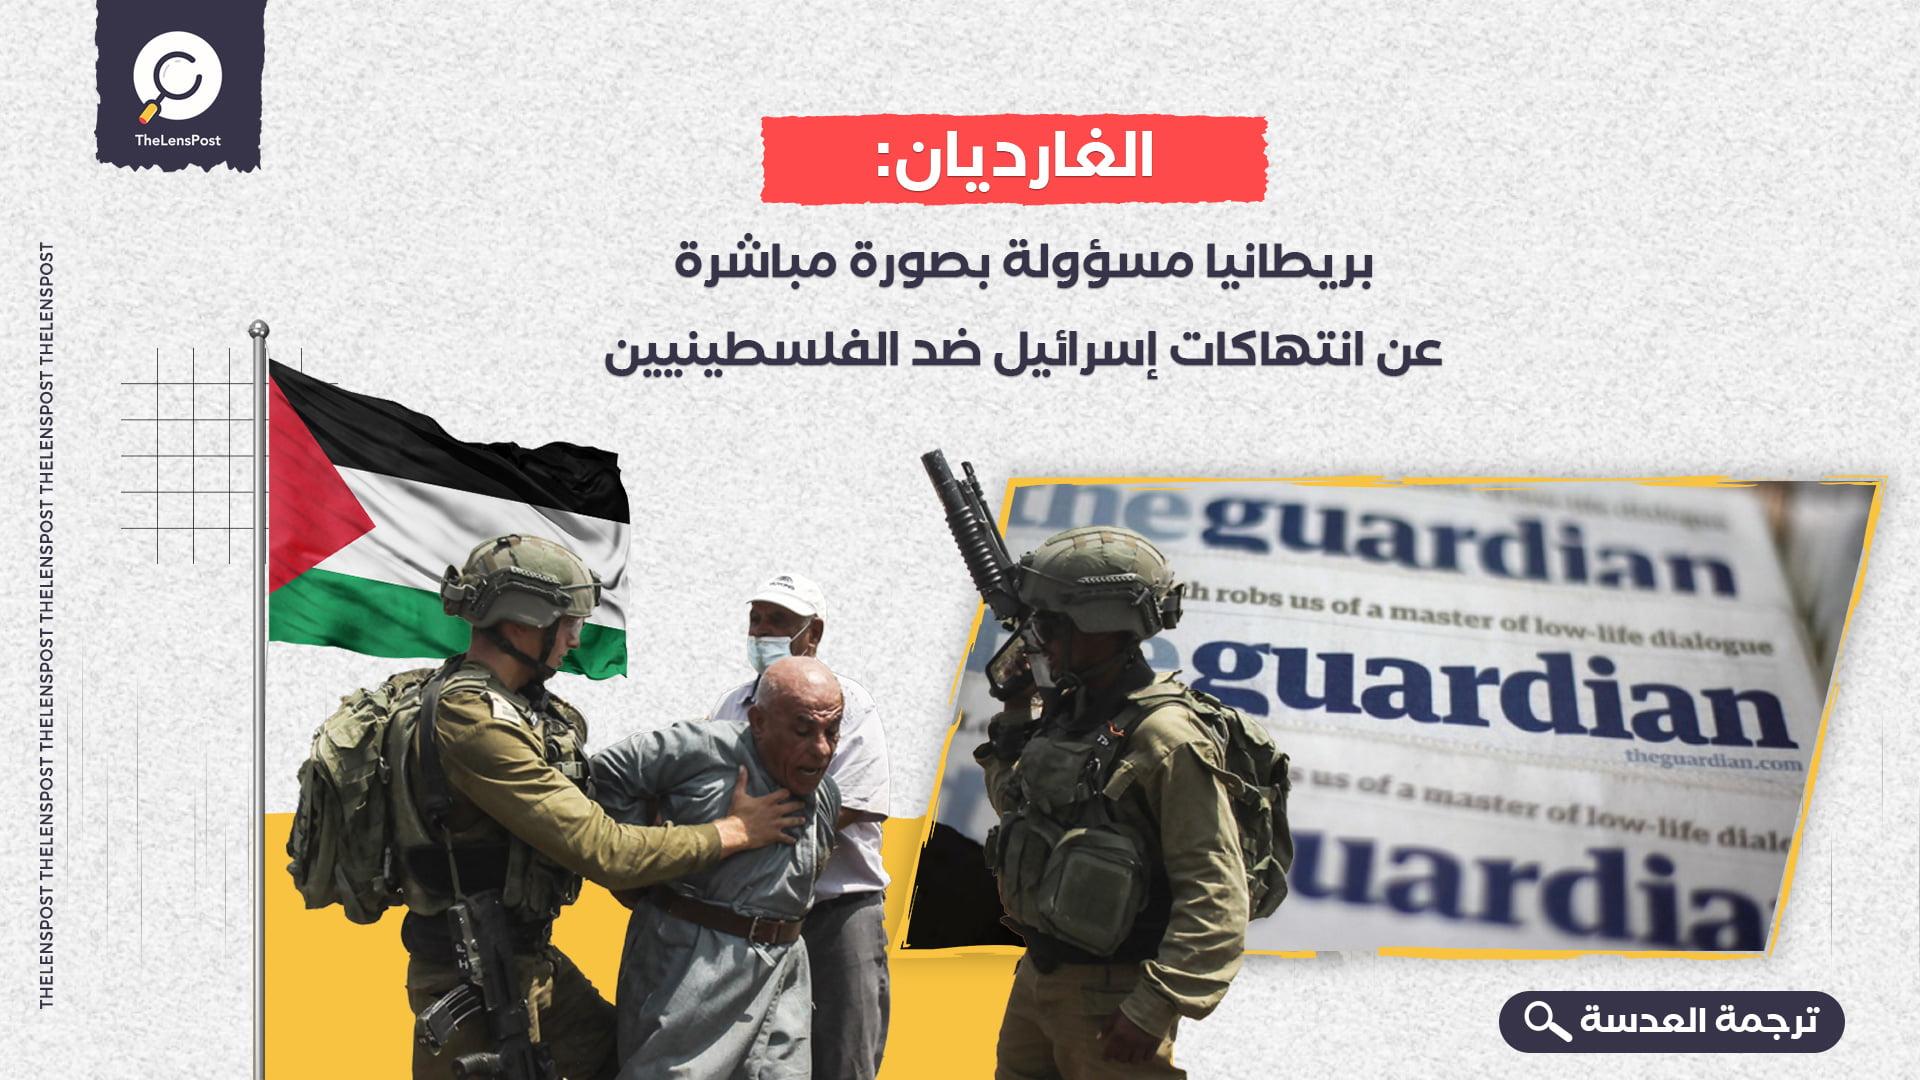 الغارديان: بريطانيا مسؤولة بصورة مباشرة عن انتهاكات إسرائيل ضد الفلسطينيين